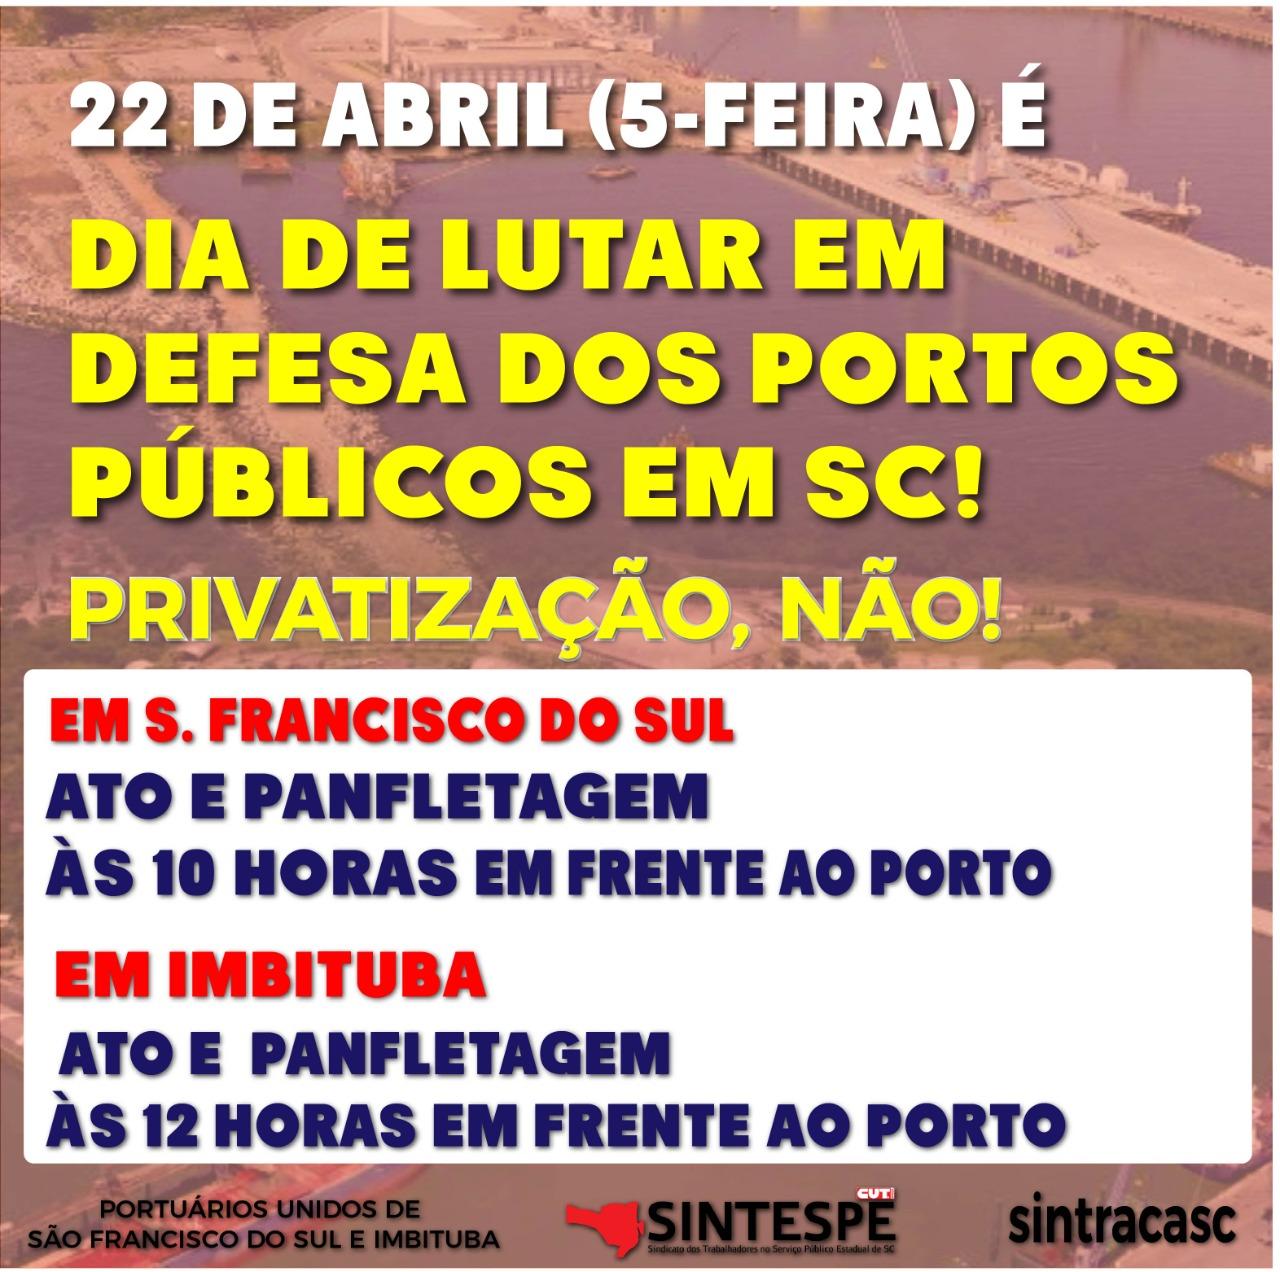 22/4: DIA DE LUTA EM DEFESA DO PORTO PÚBLICO